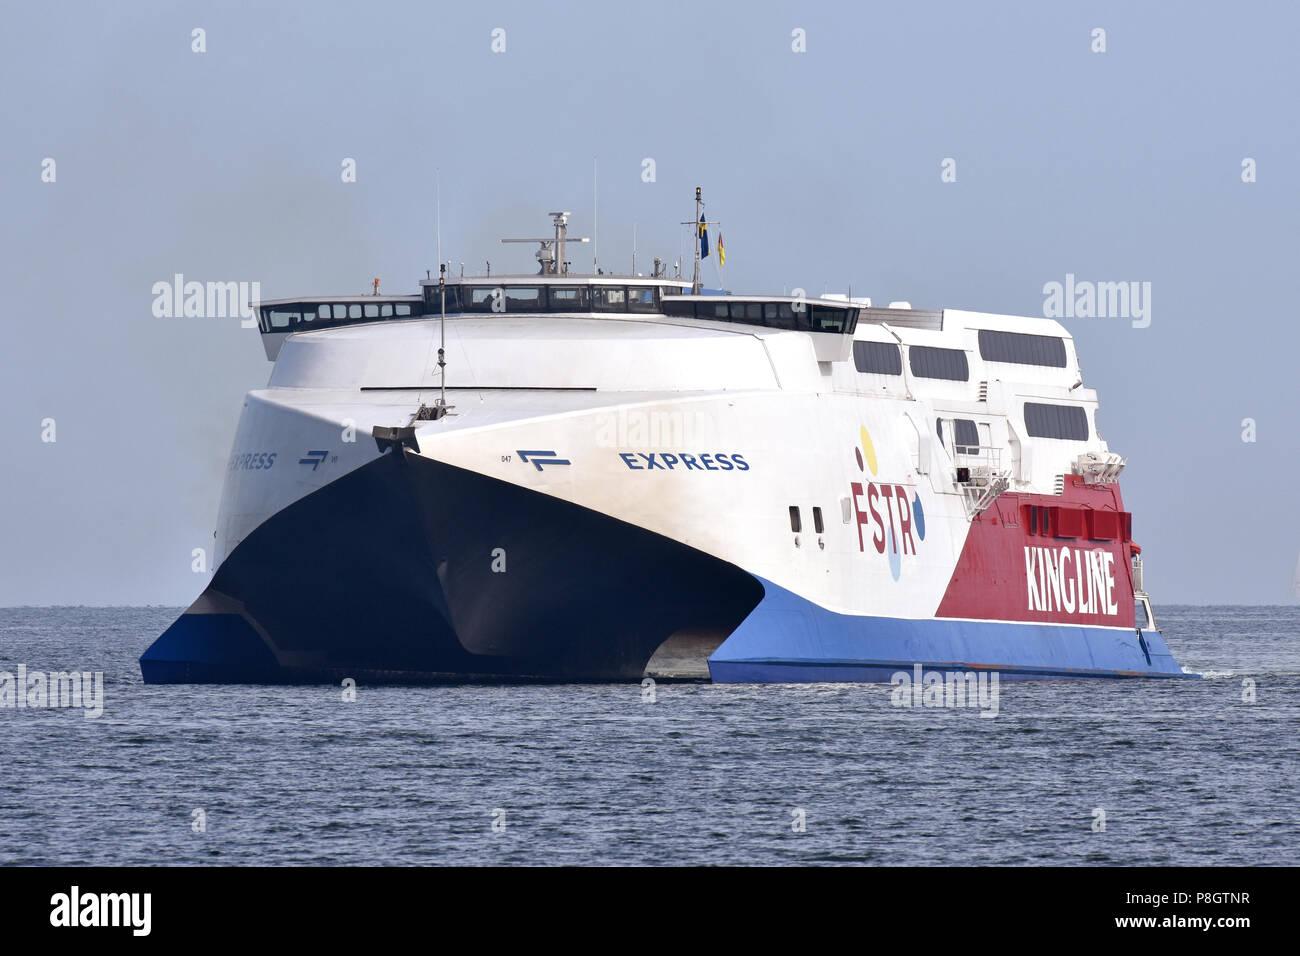 Fast ferry Express inbound Kiel, bound for Mediterranean Stock Photo